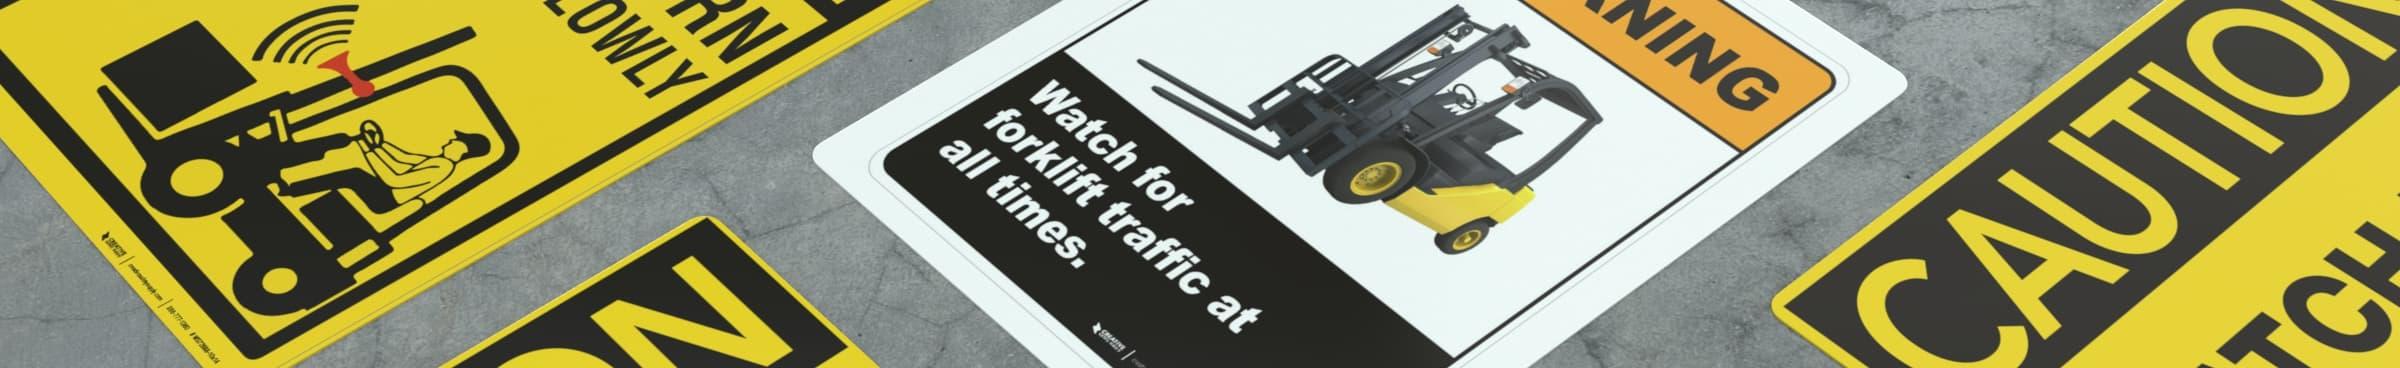 forklift-signs.jpg